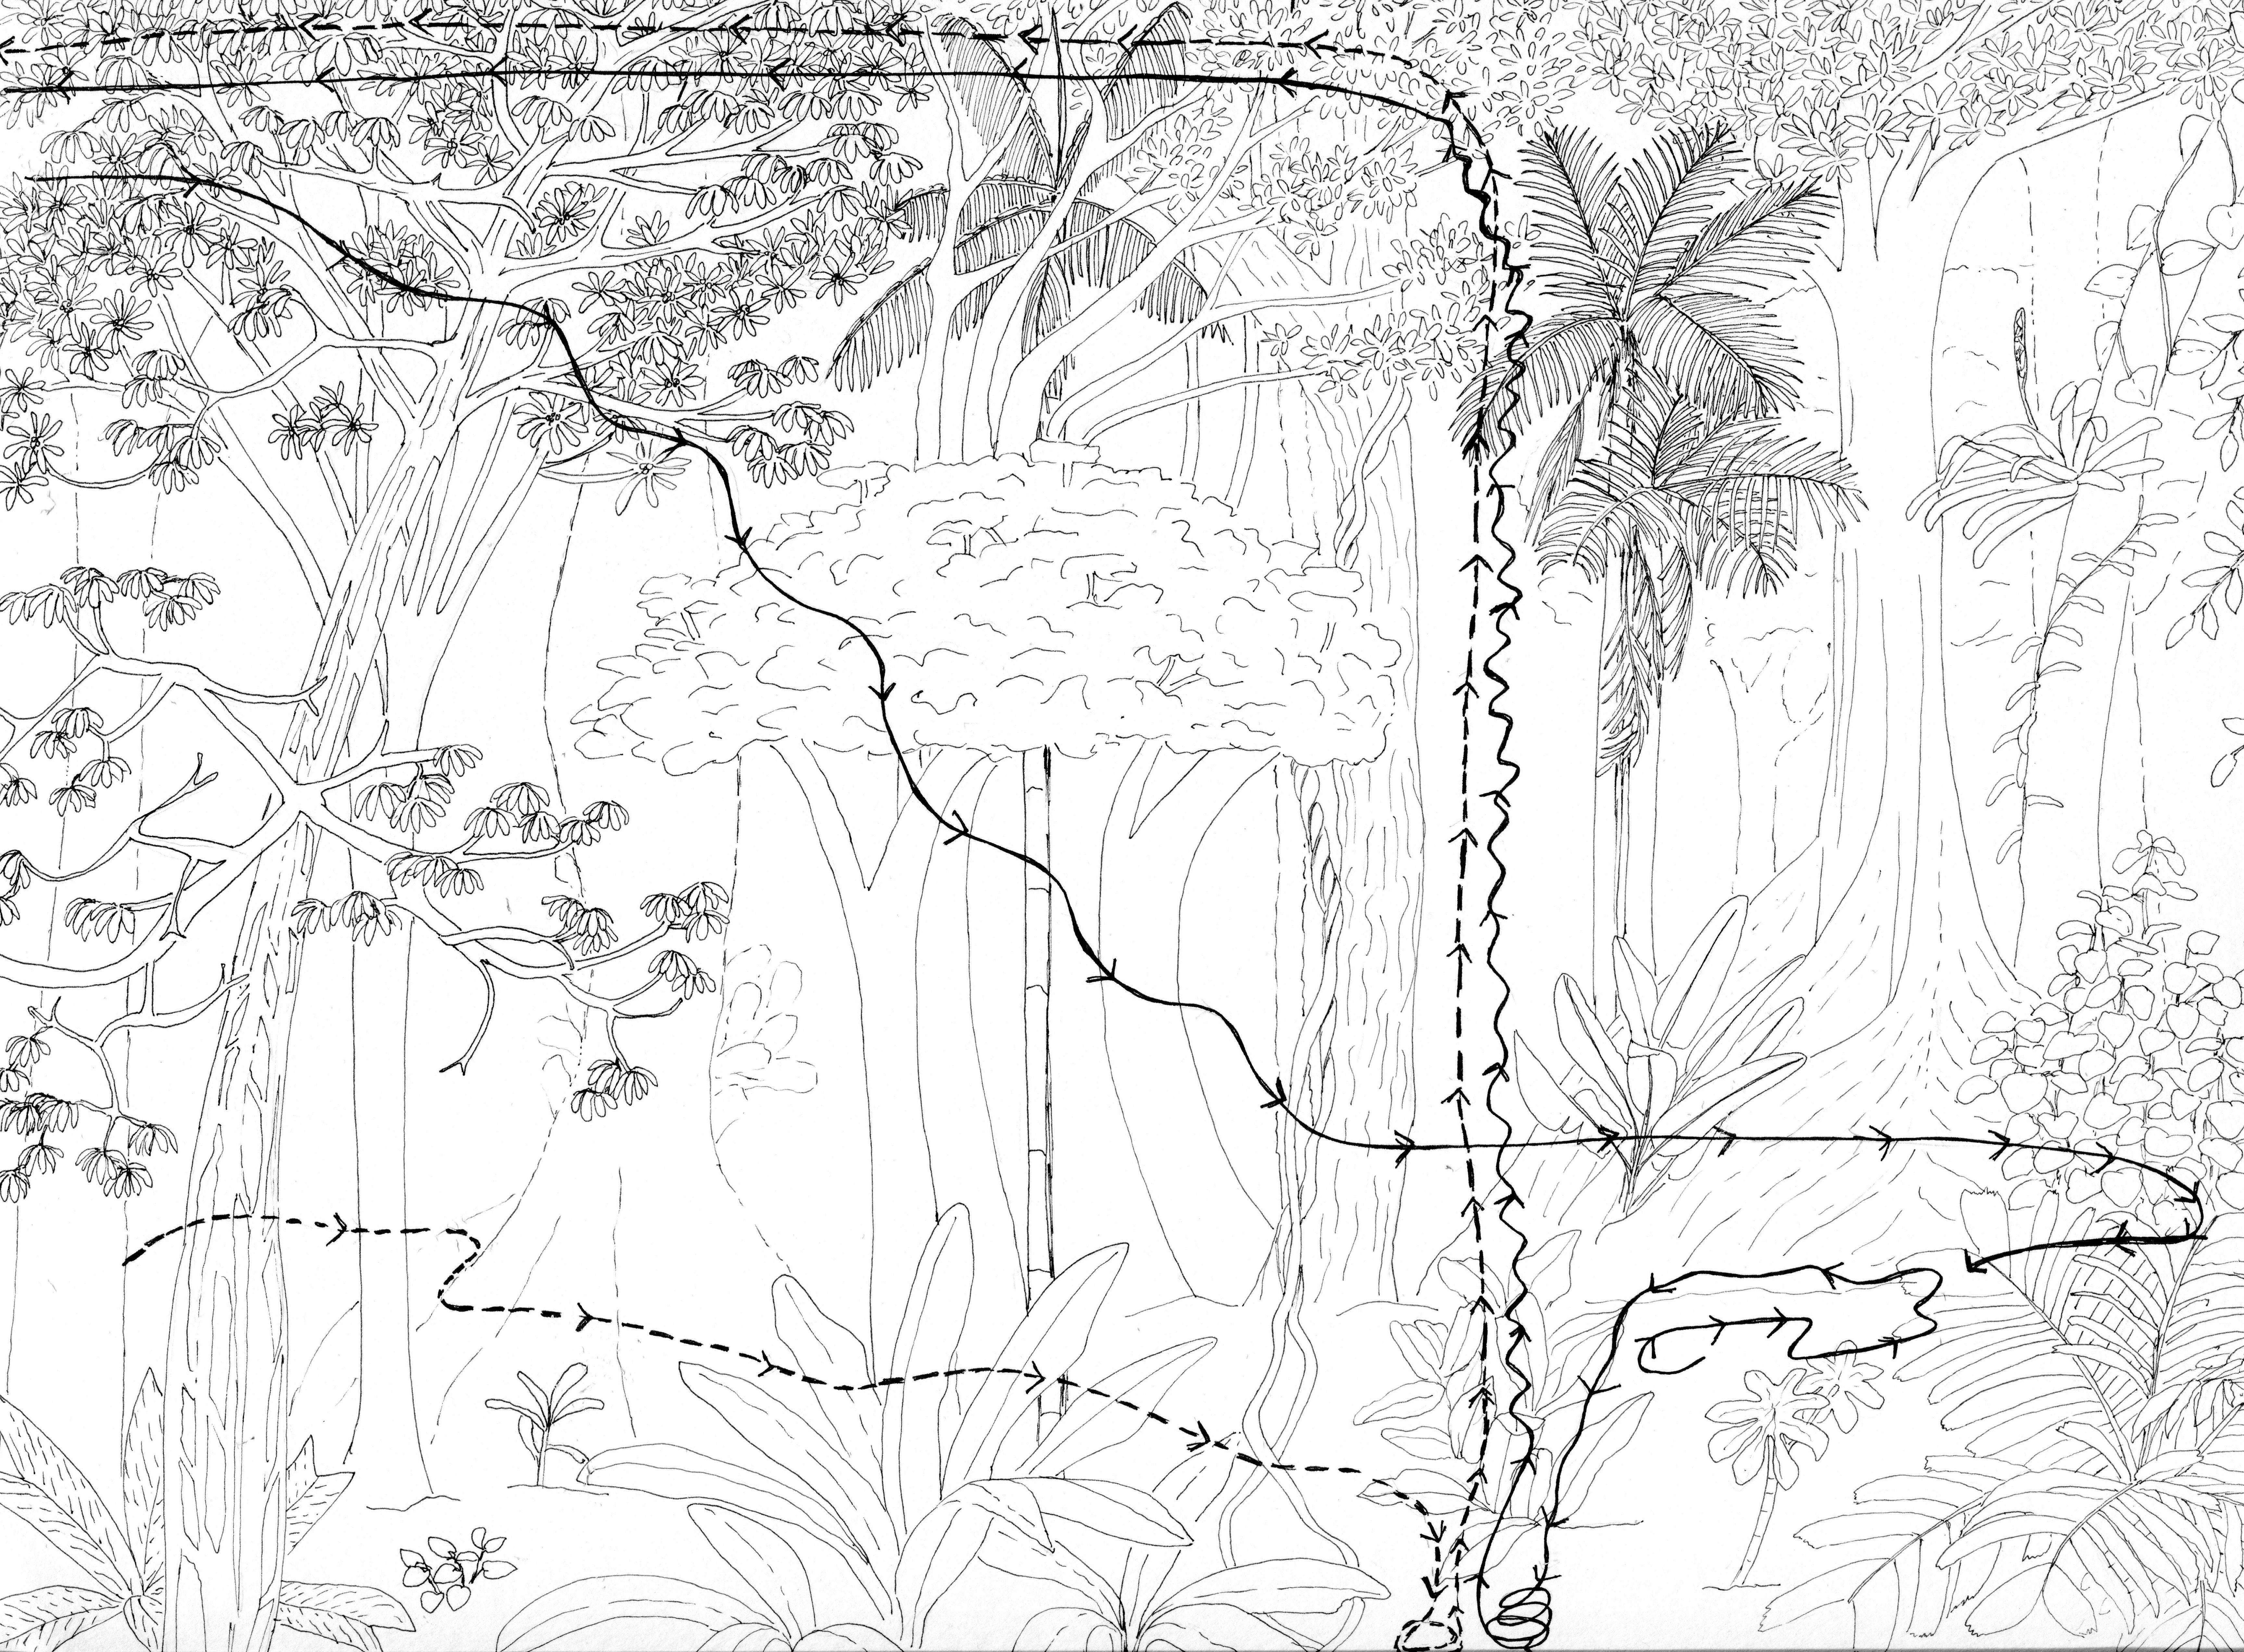 Heliconius path011